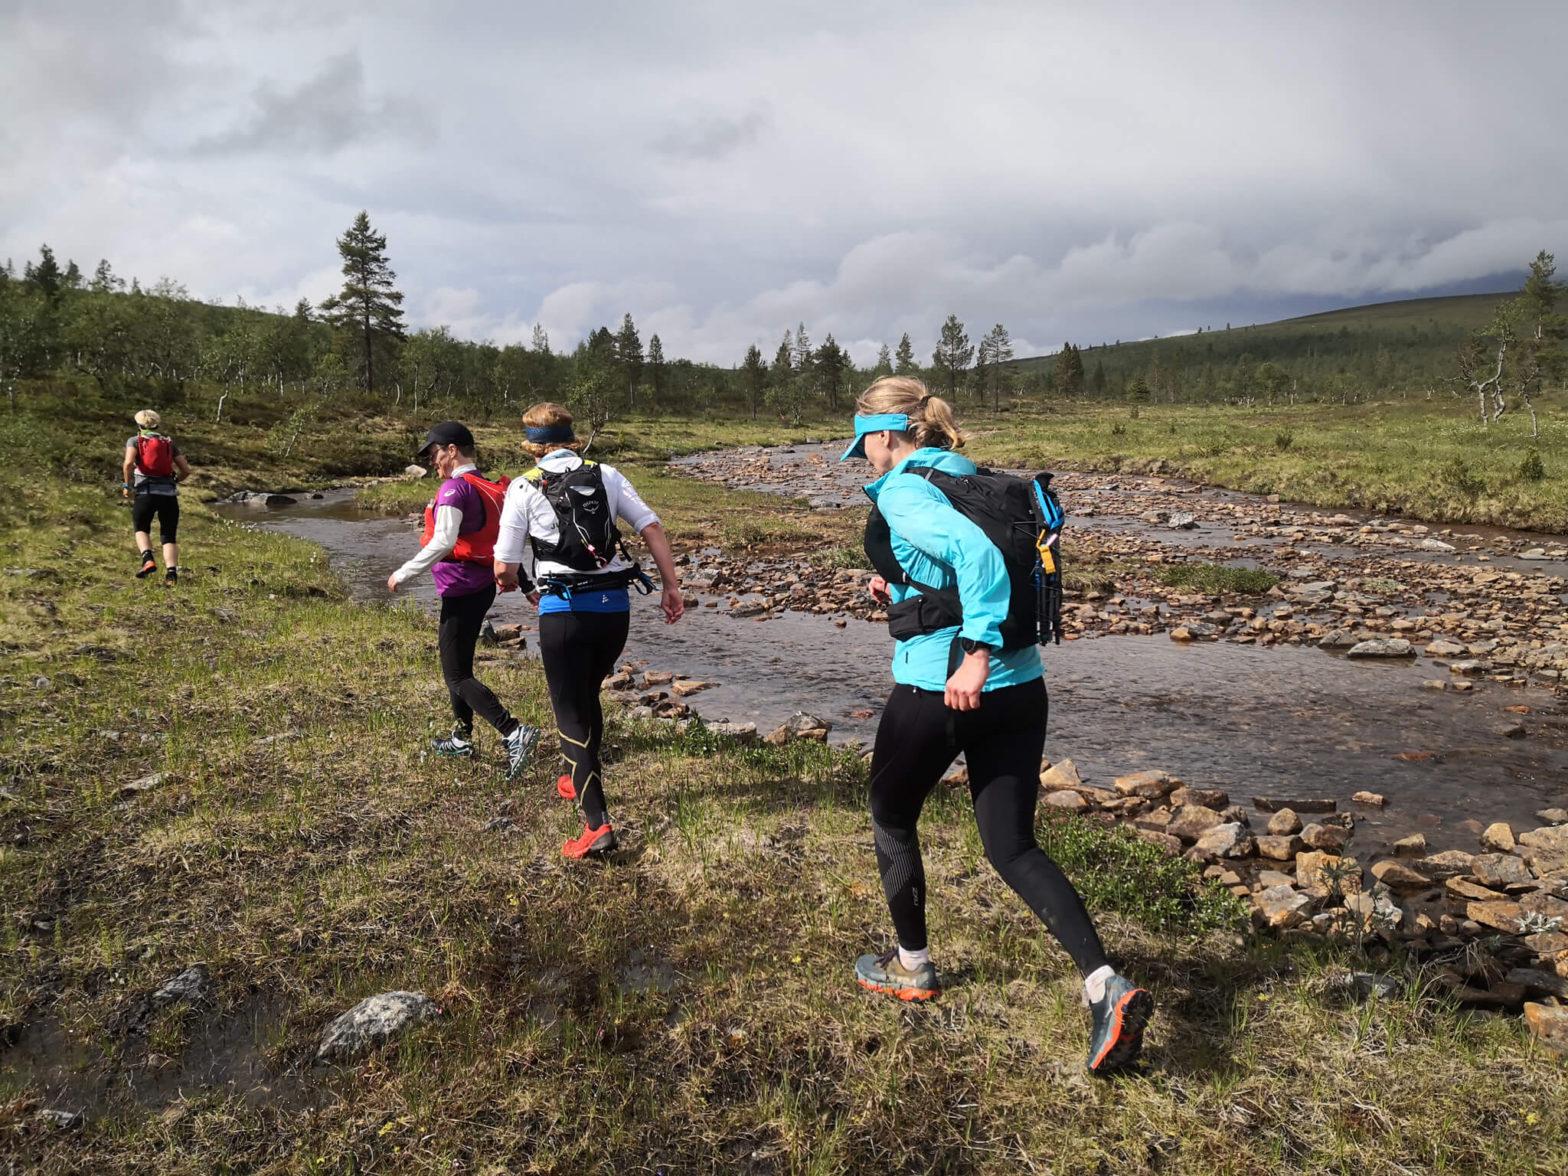 Polkujuoksu tuntureilla ja erämaan juoksutaidot – Kiilopää, Saariselkä, Urho Kekkosen kansallispuisto 14.–17.6.2021